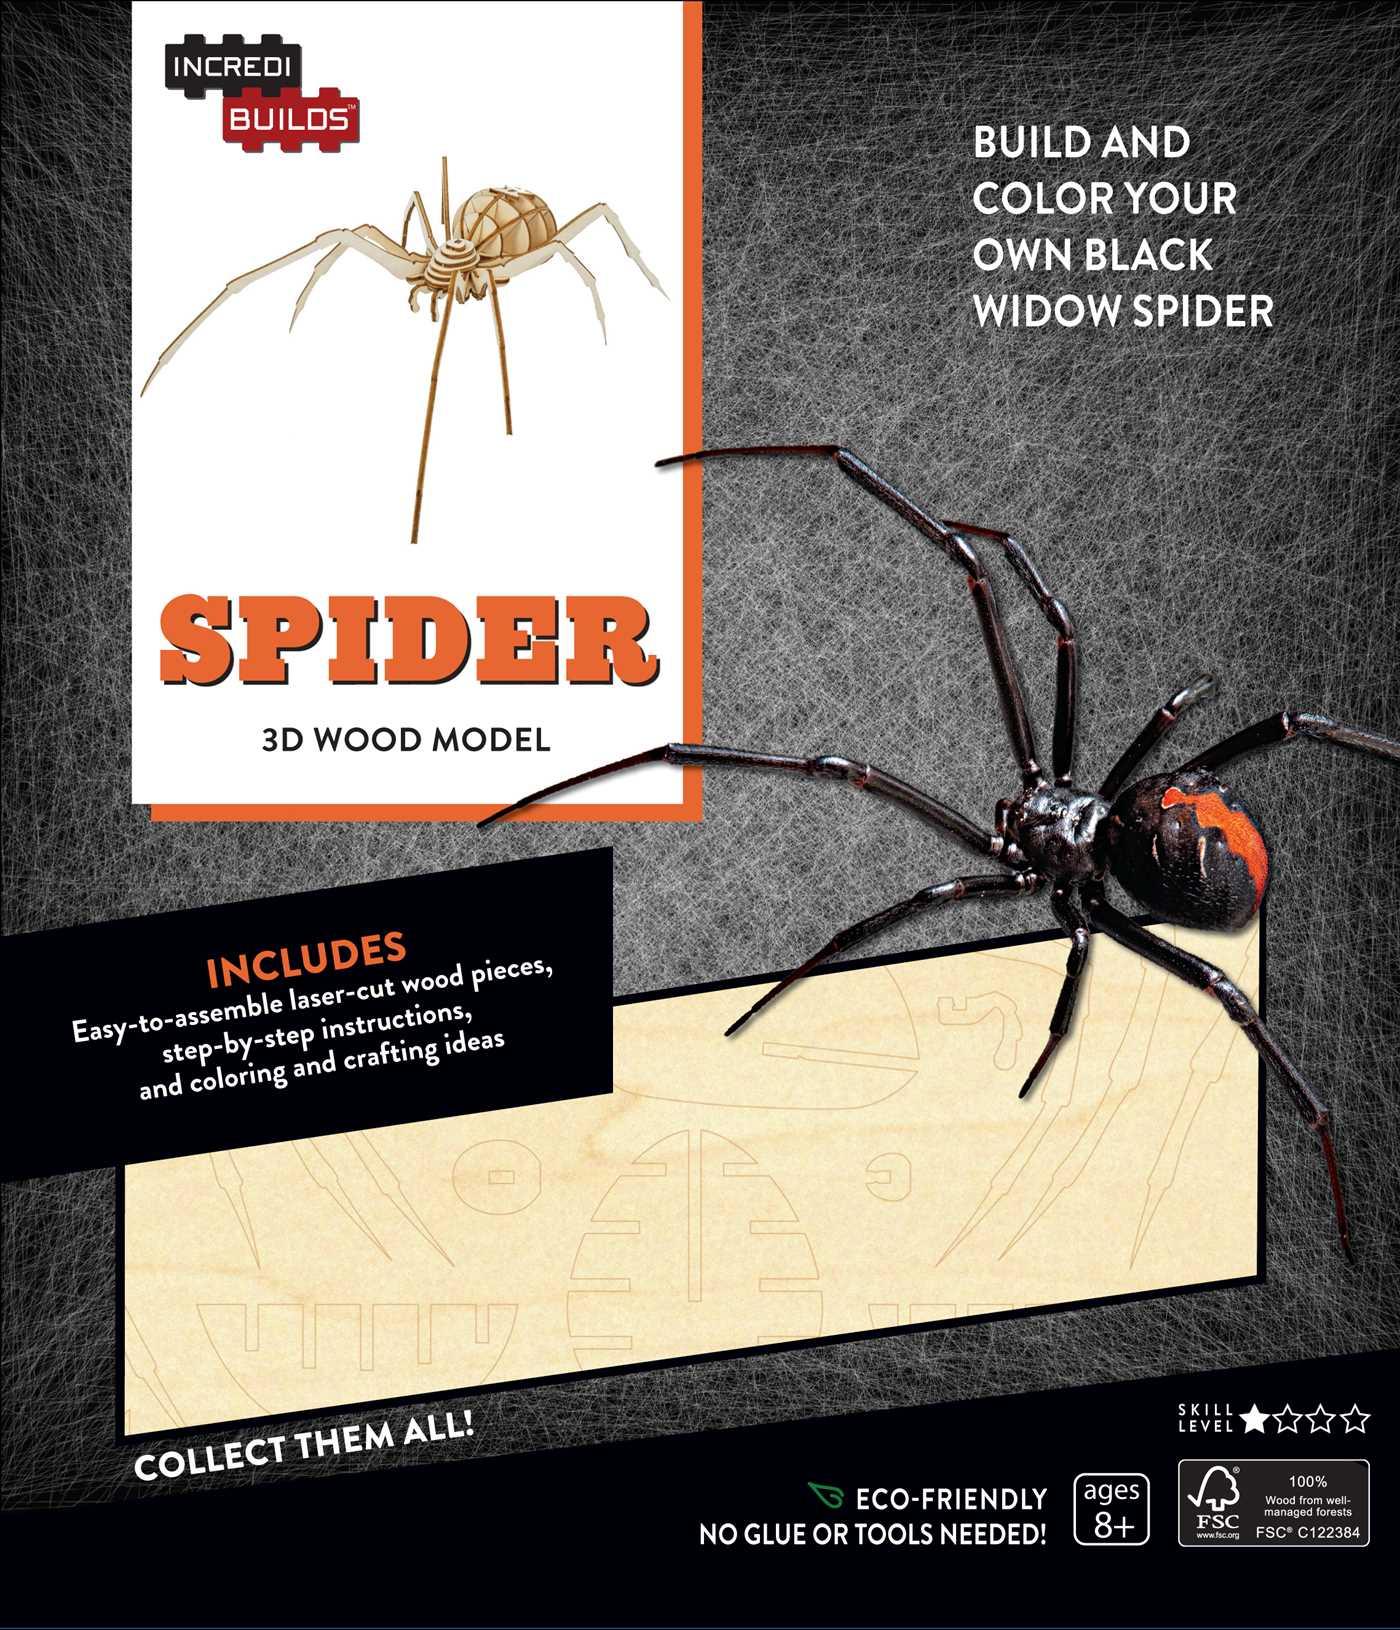 Incredibuilds spider 3d wood model 9781682980415 hr